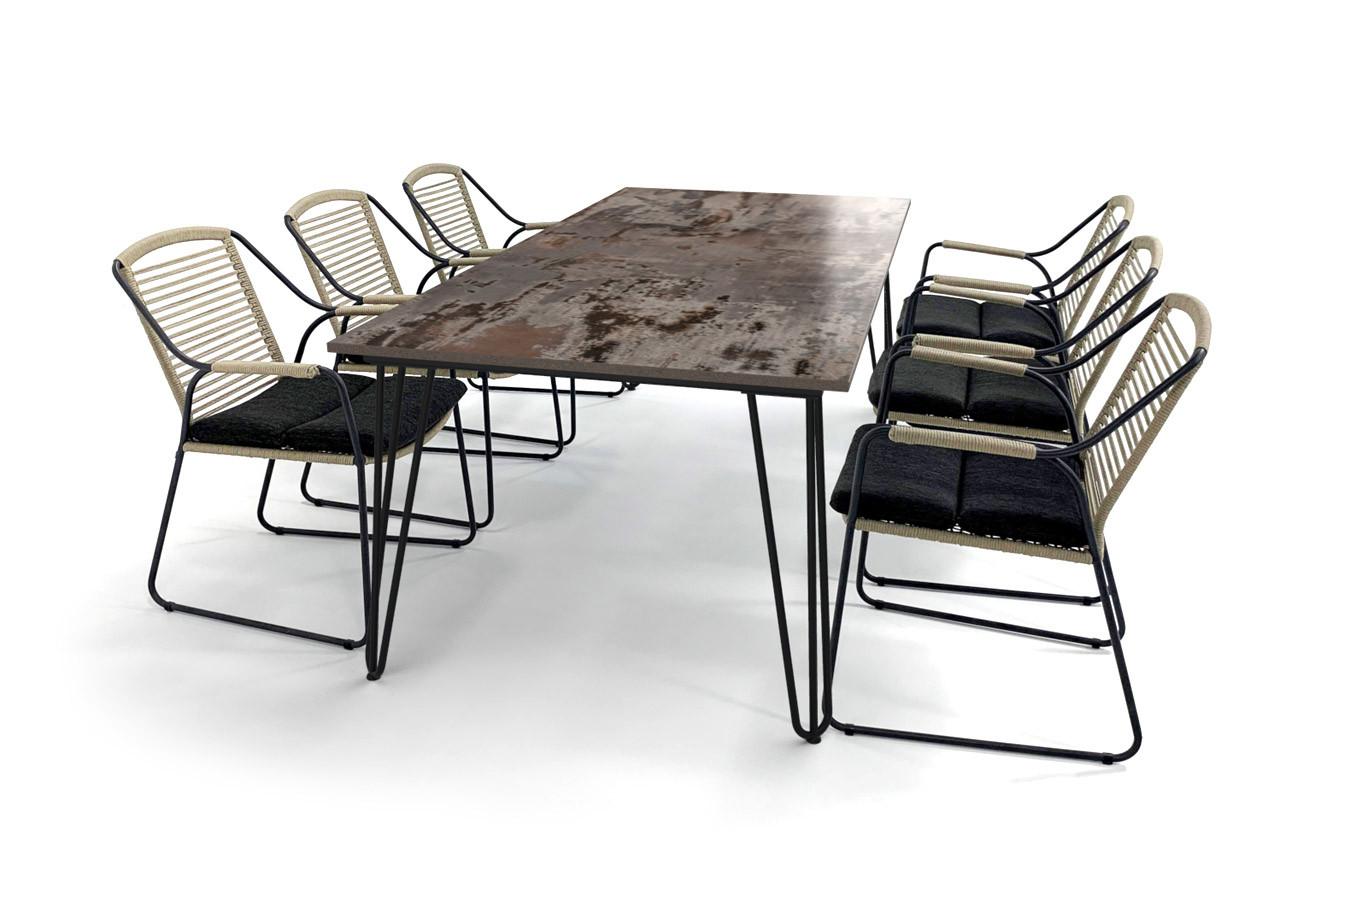 Gartentisch im skandinavischen Design mit Haarnadelbeinen, Dekton Trilium Tischplatte und Scandic Gartenstühlen von 4SO